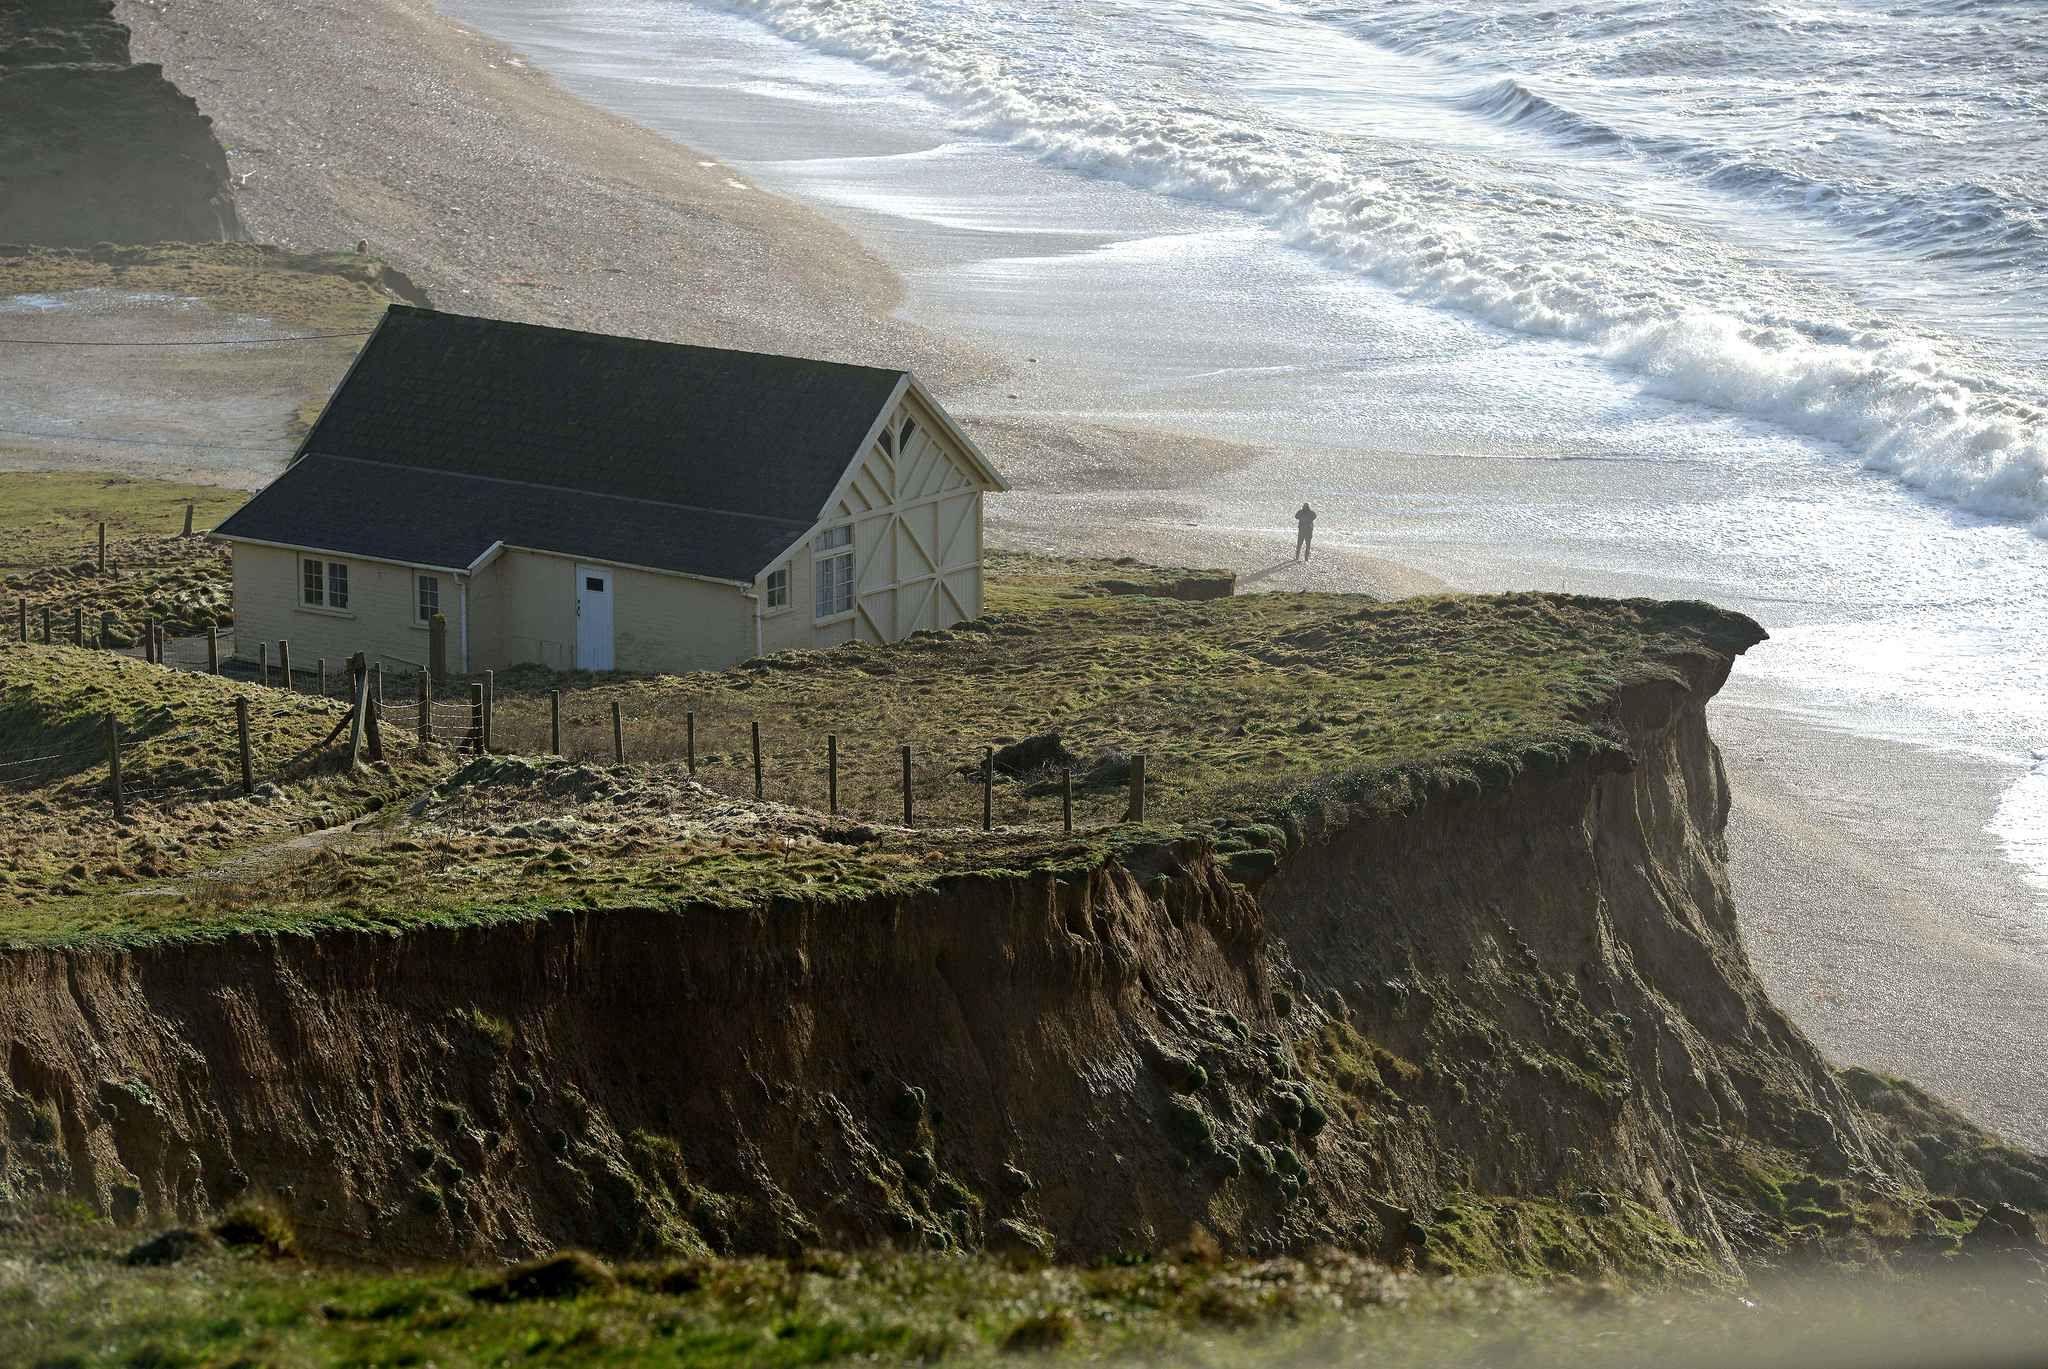 You recognize that house. It is the home of the British Broadchurch series. It is actually in Dorset and will be destroyed, soon, by coastal erosion. Vous reconnaissez cette maison. C'est la maison de la série Broadchurch. Elle se situe en fait à Dorset et va être détruite.